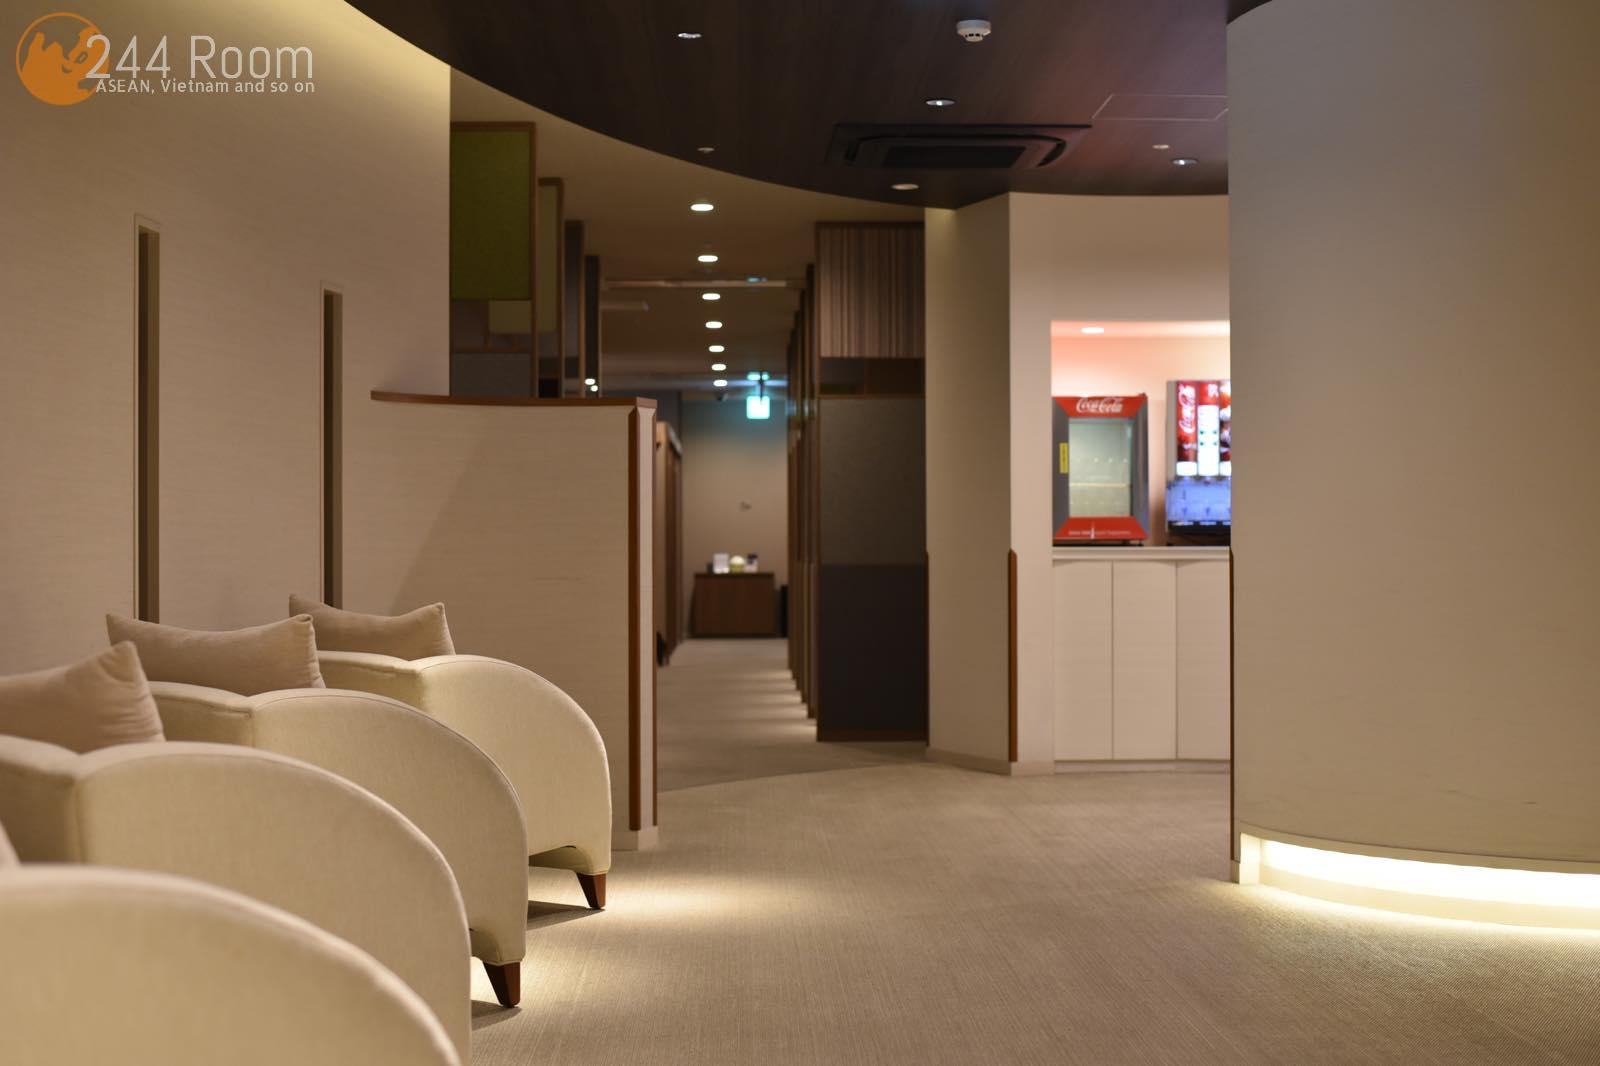 ビジネスラウンジもみじ Business lounge momiji3